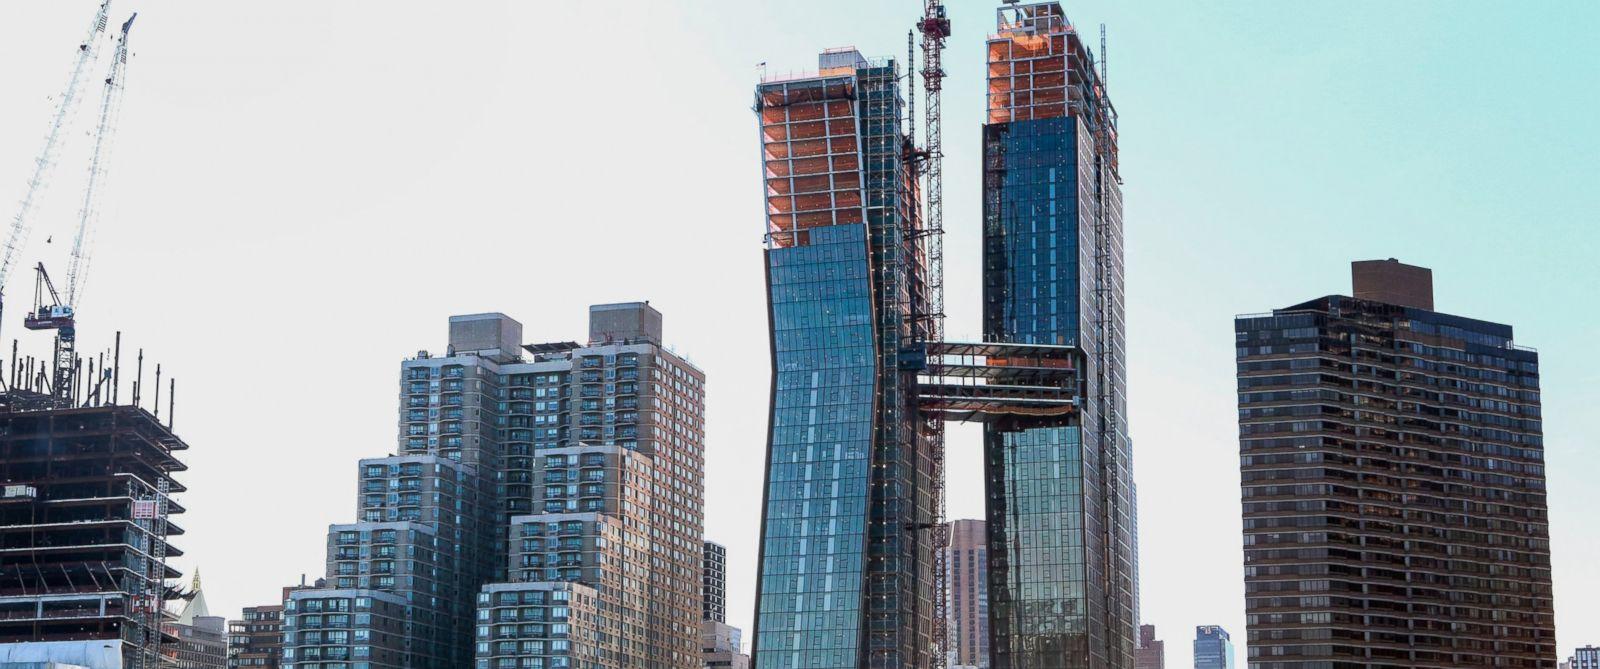 Acercamiento del skybridge en construcción que une las dos torres (Fuente: abcnews.go.com)